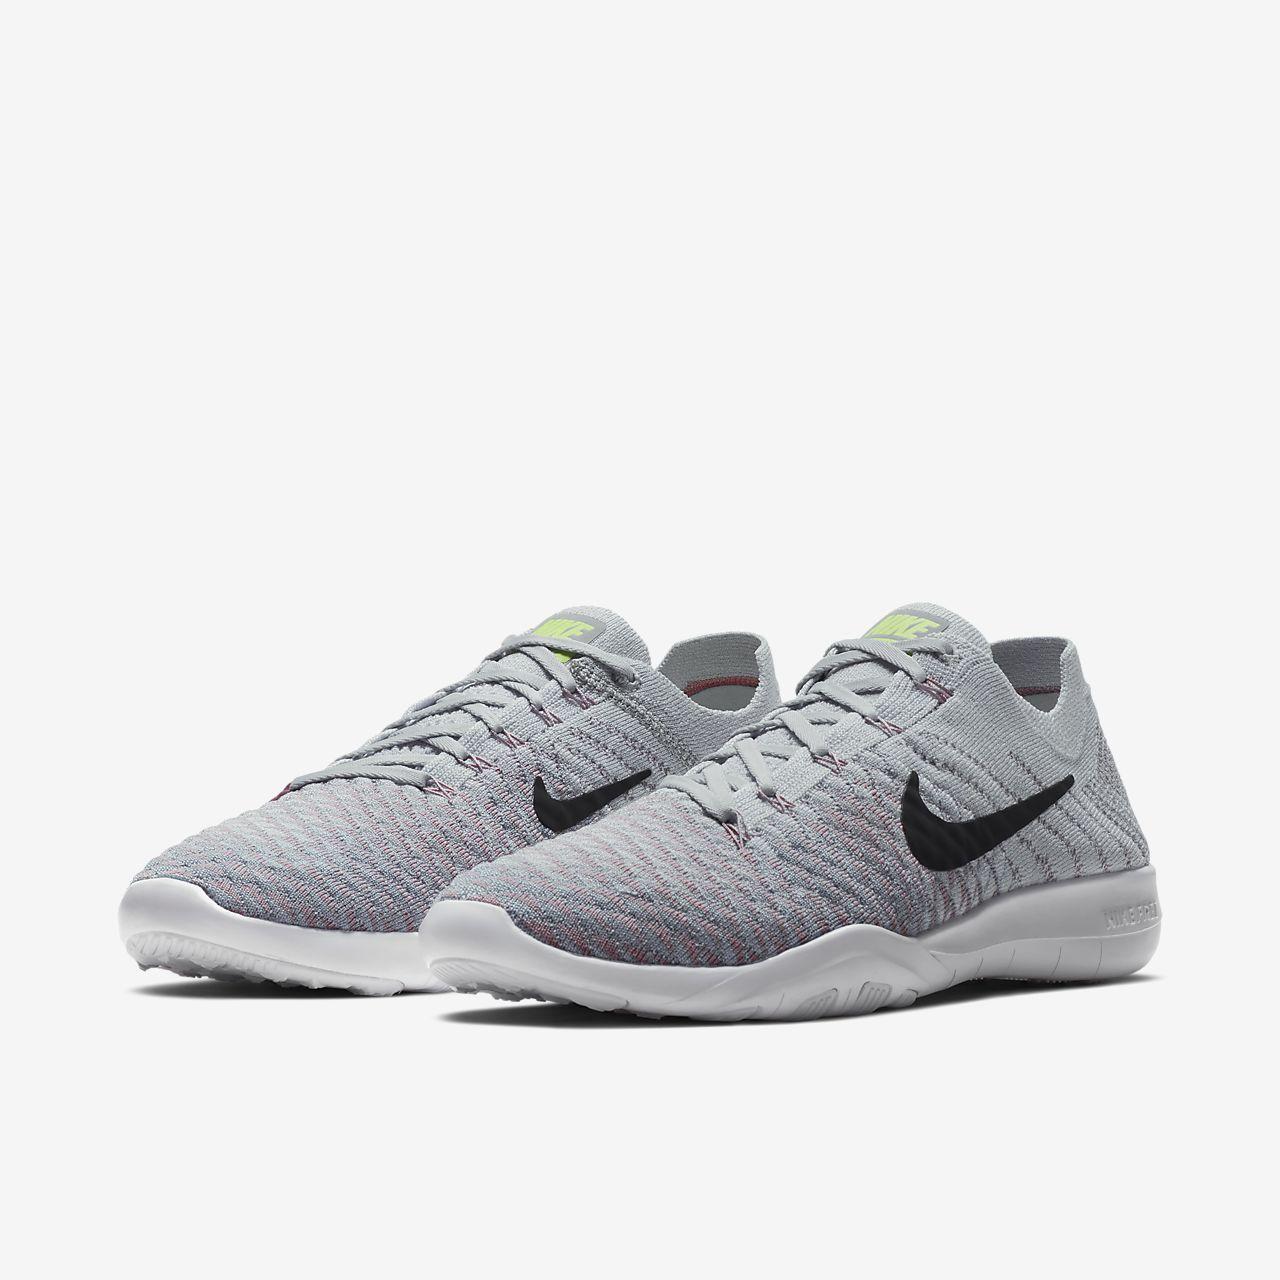 Nike Free Tr Flyknit 2 Chaussure D'entraînement Bionique site officiel vente la sortie confortable obtenir de nouvelles sortie combien 1AHHI2zZk